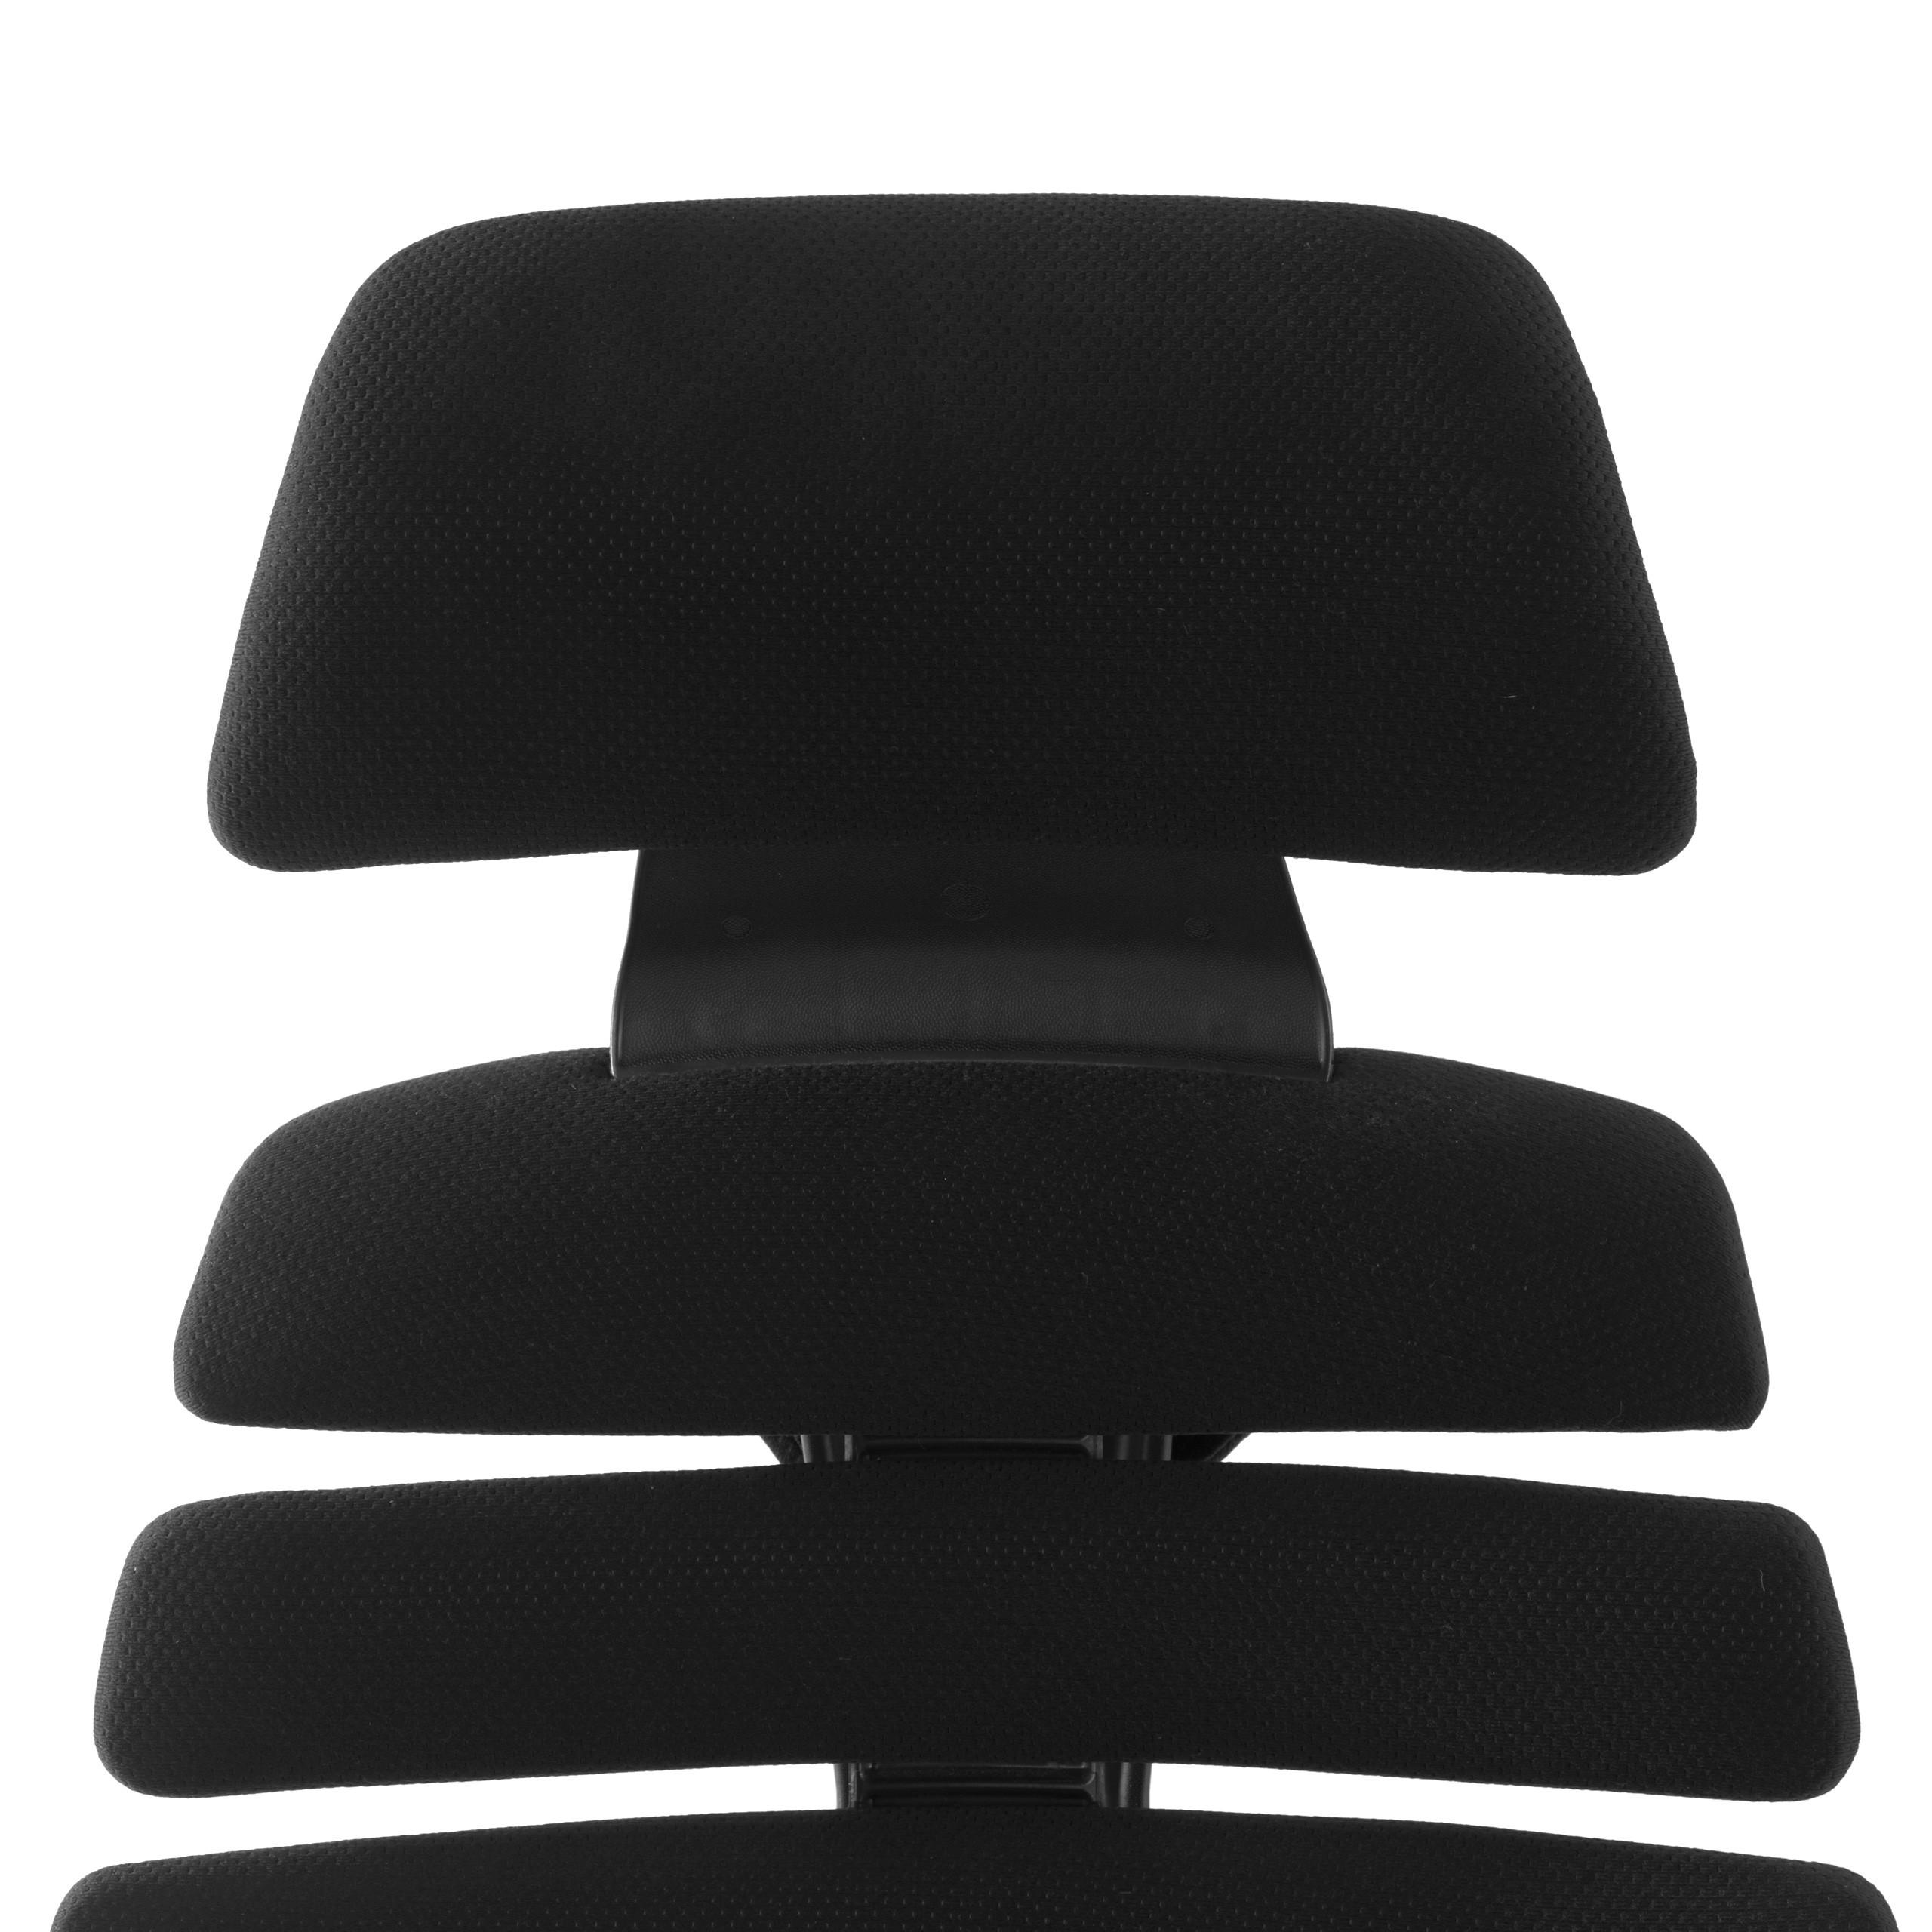 Comprar Silla Spine negro | Ofiprix ®